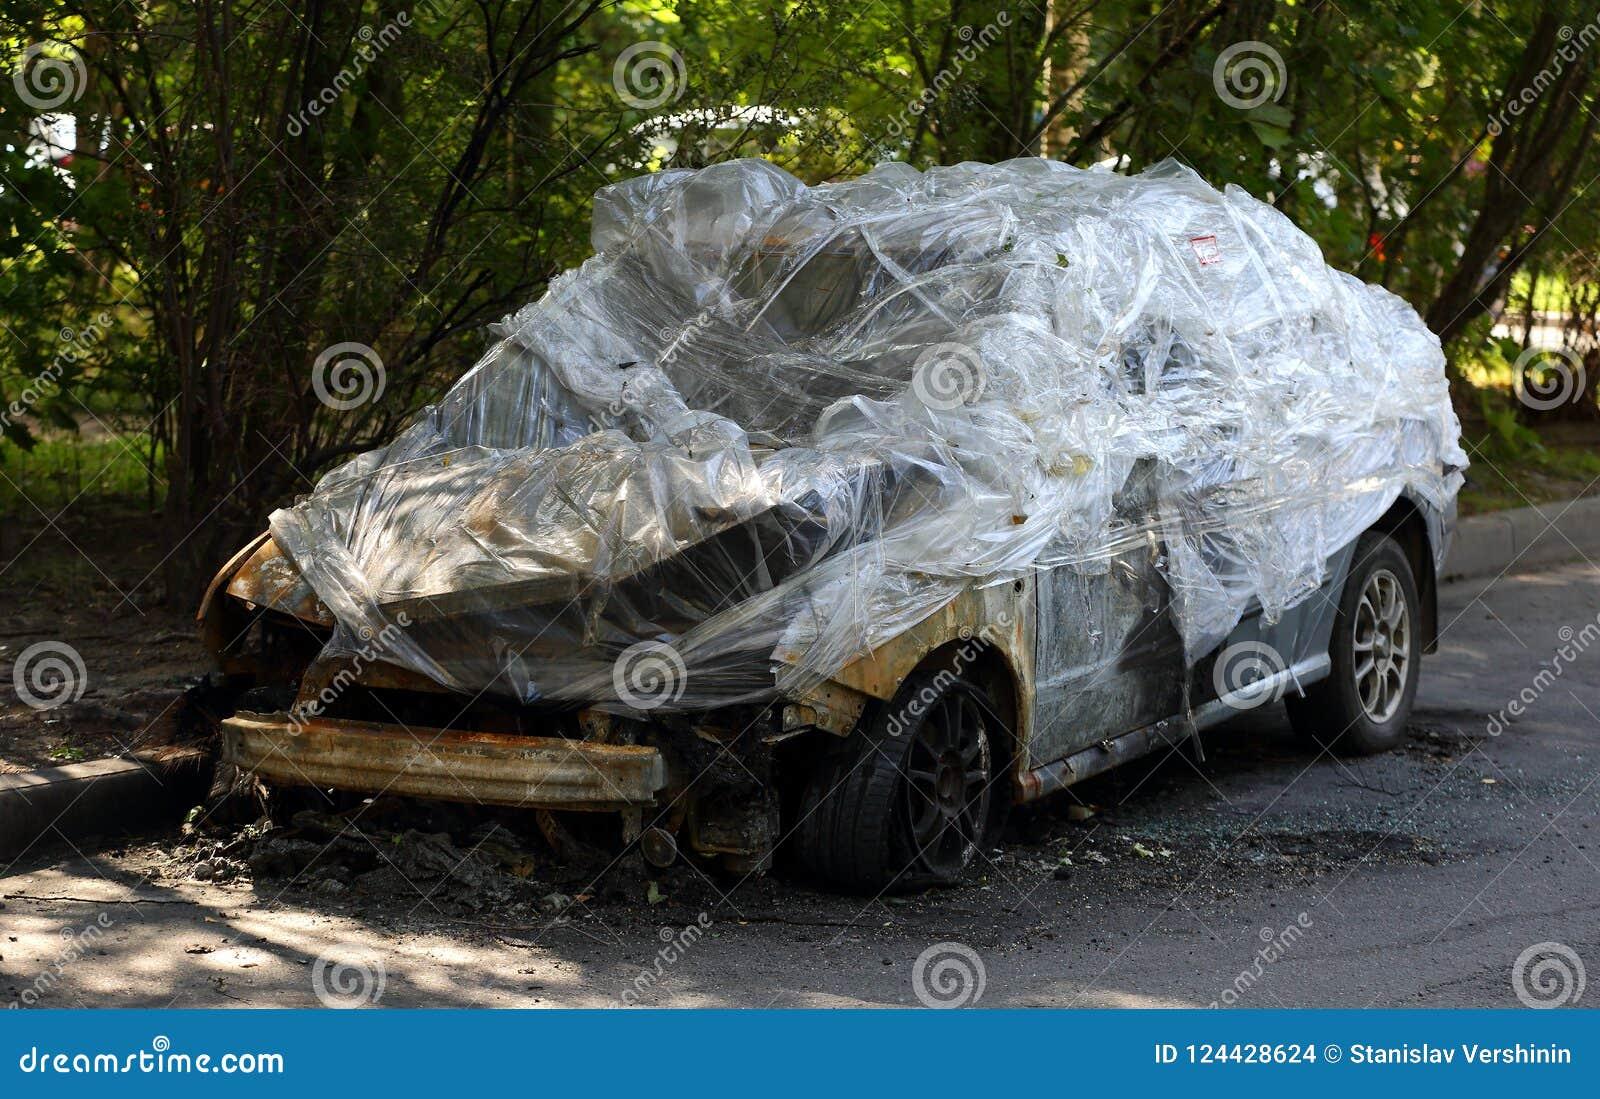 被烧的汽车